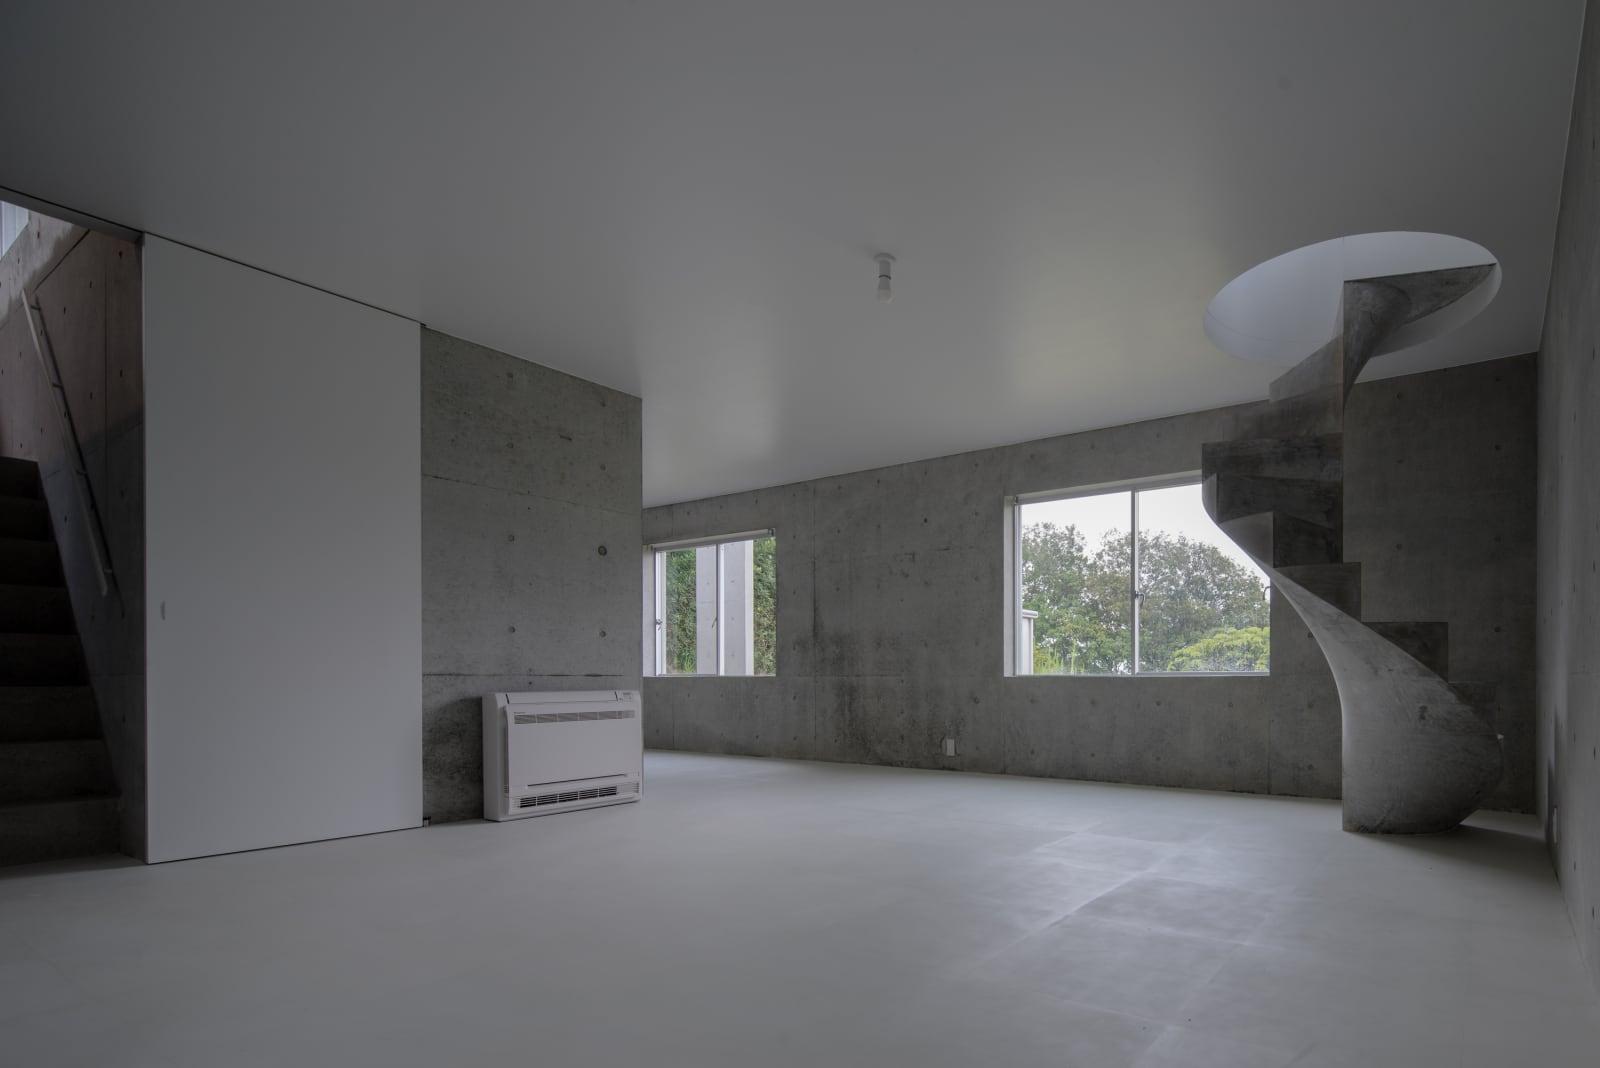 kazunori-fujimoto-house-in-akitsu-8